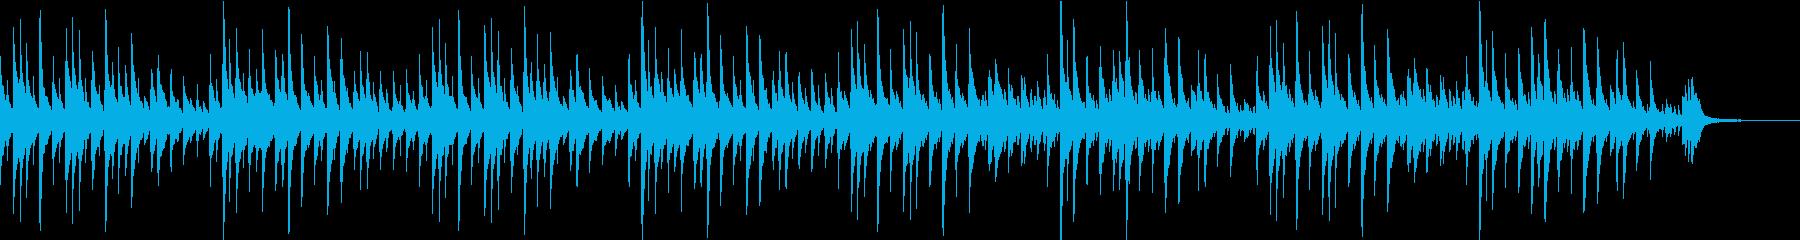 童謡「春が来た」のオルゴールバージョンの再生済みの波形